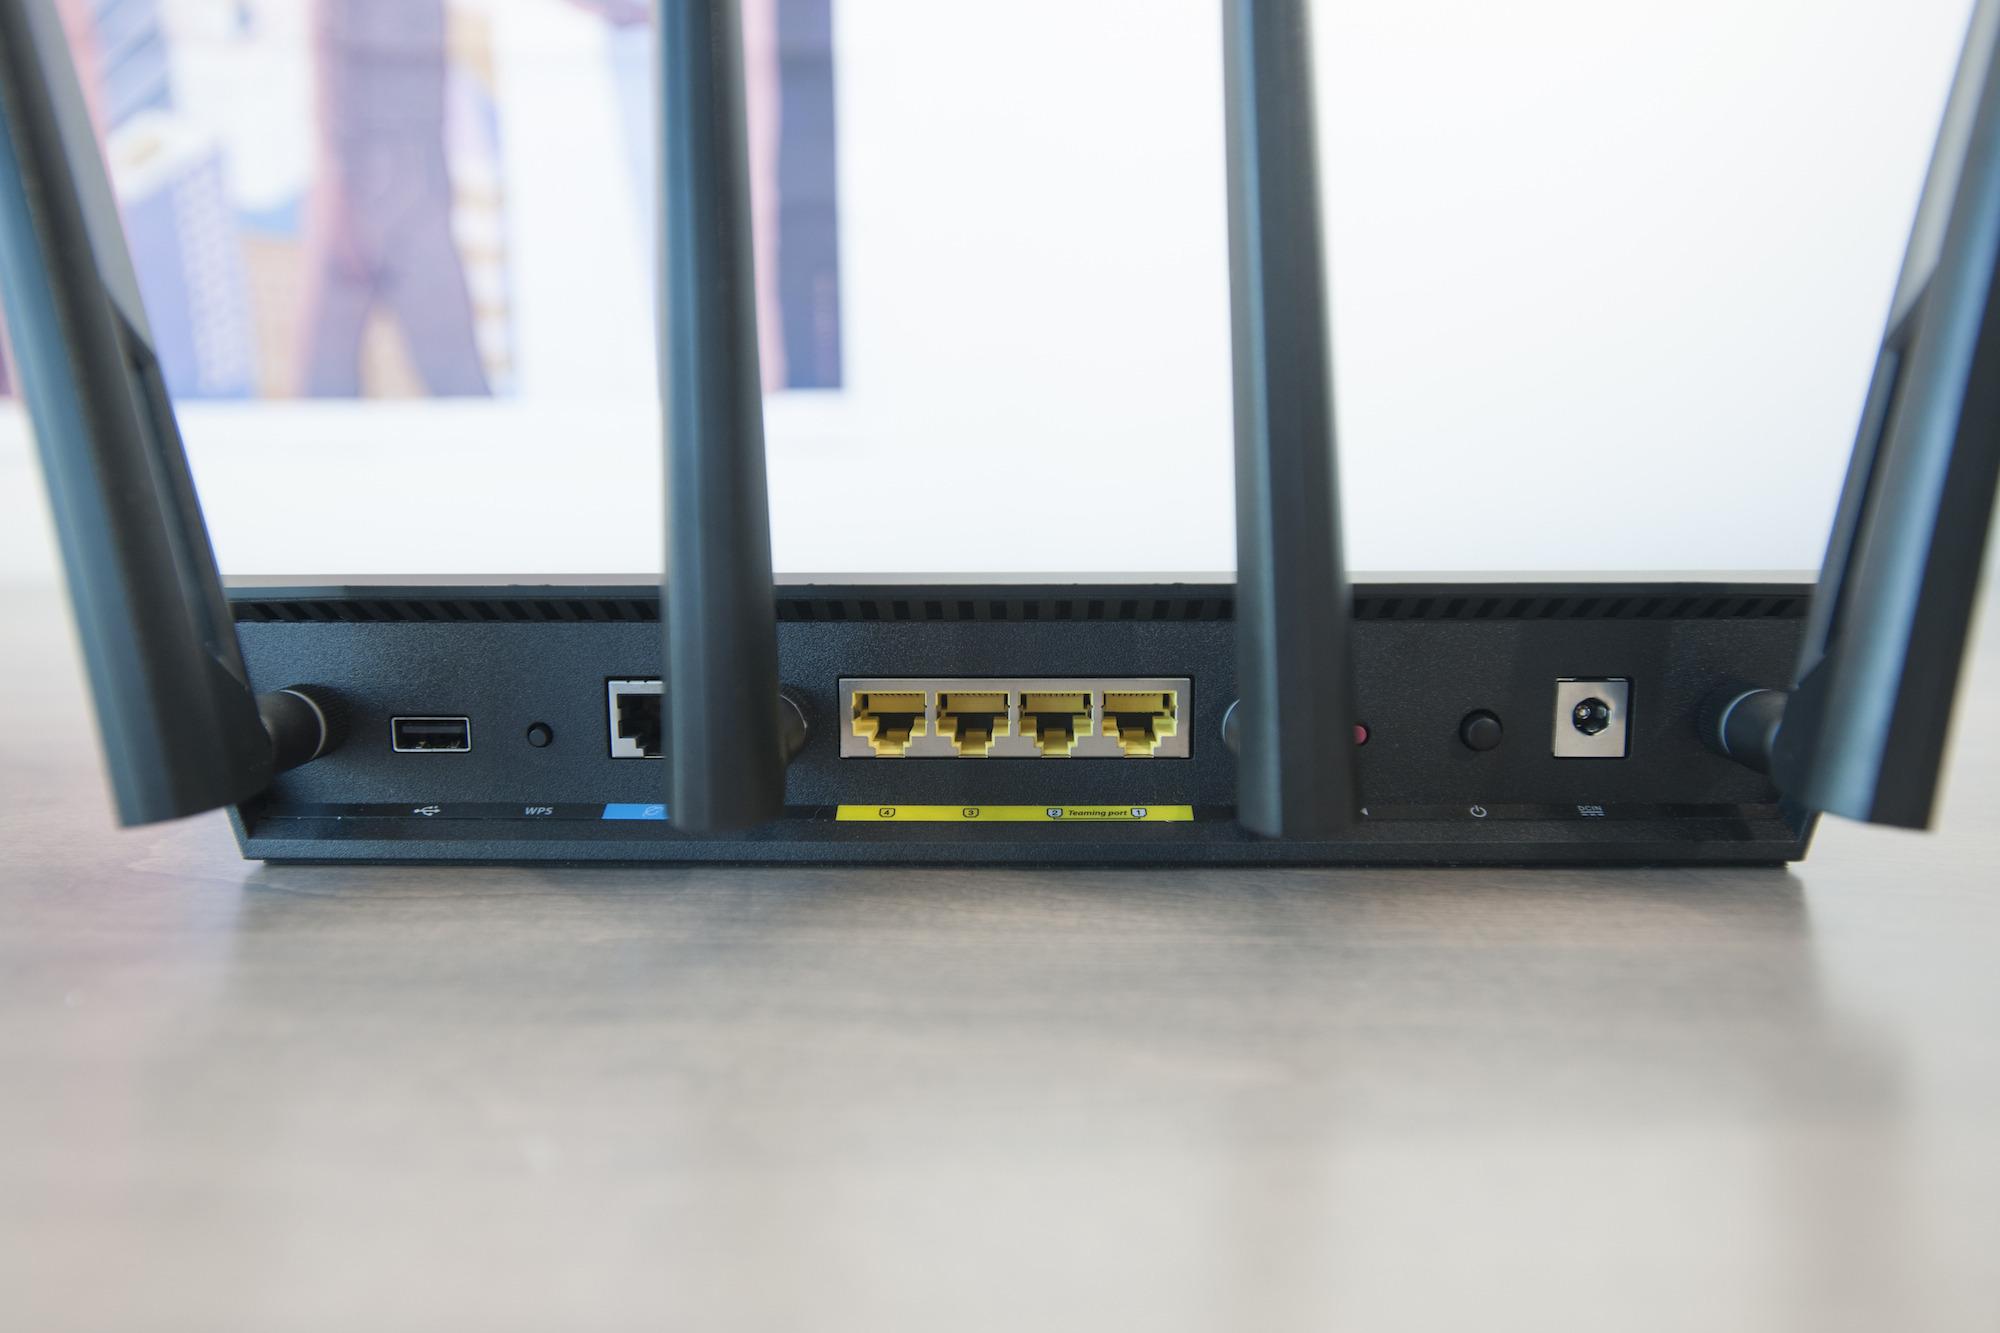 ESET: Cel puțin 15% dintre routere nu sunt sigure